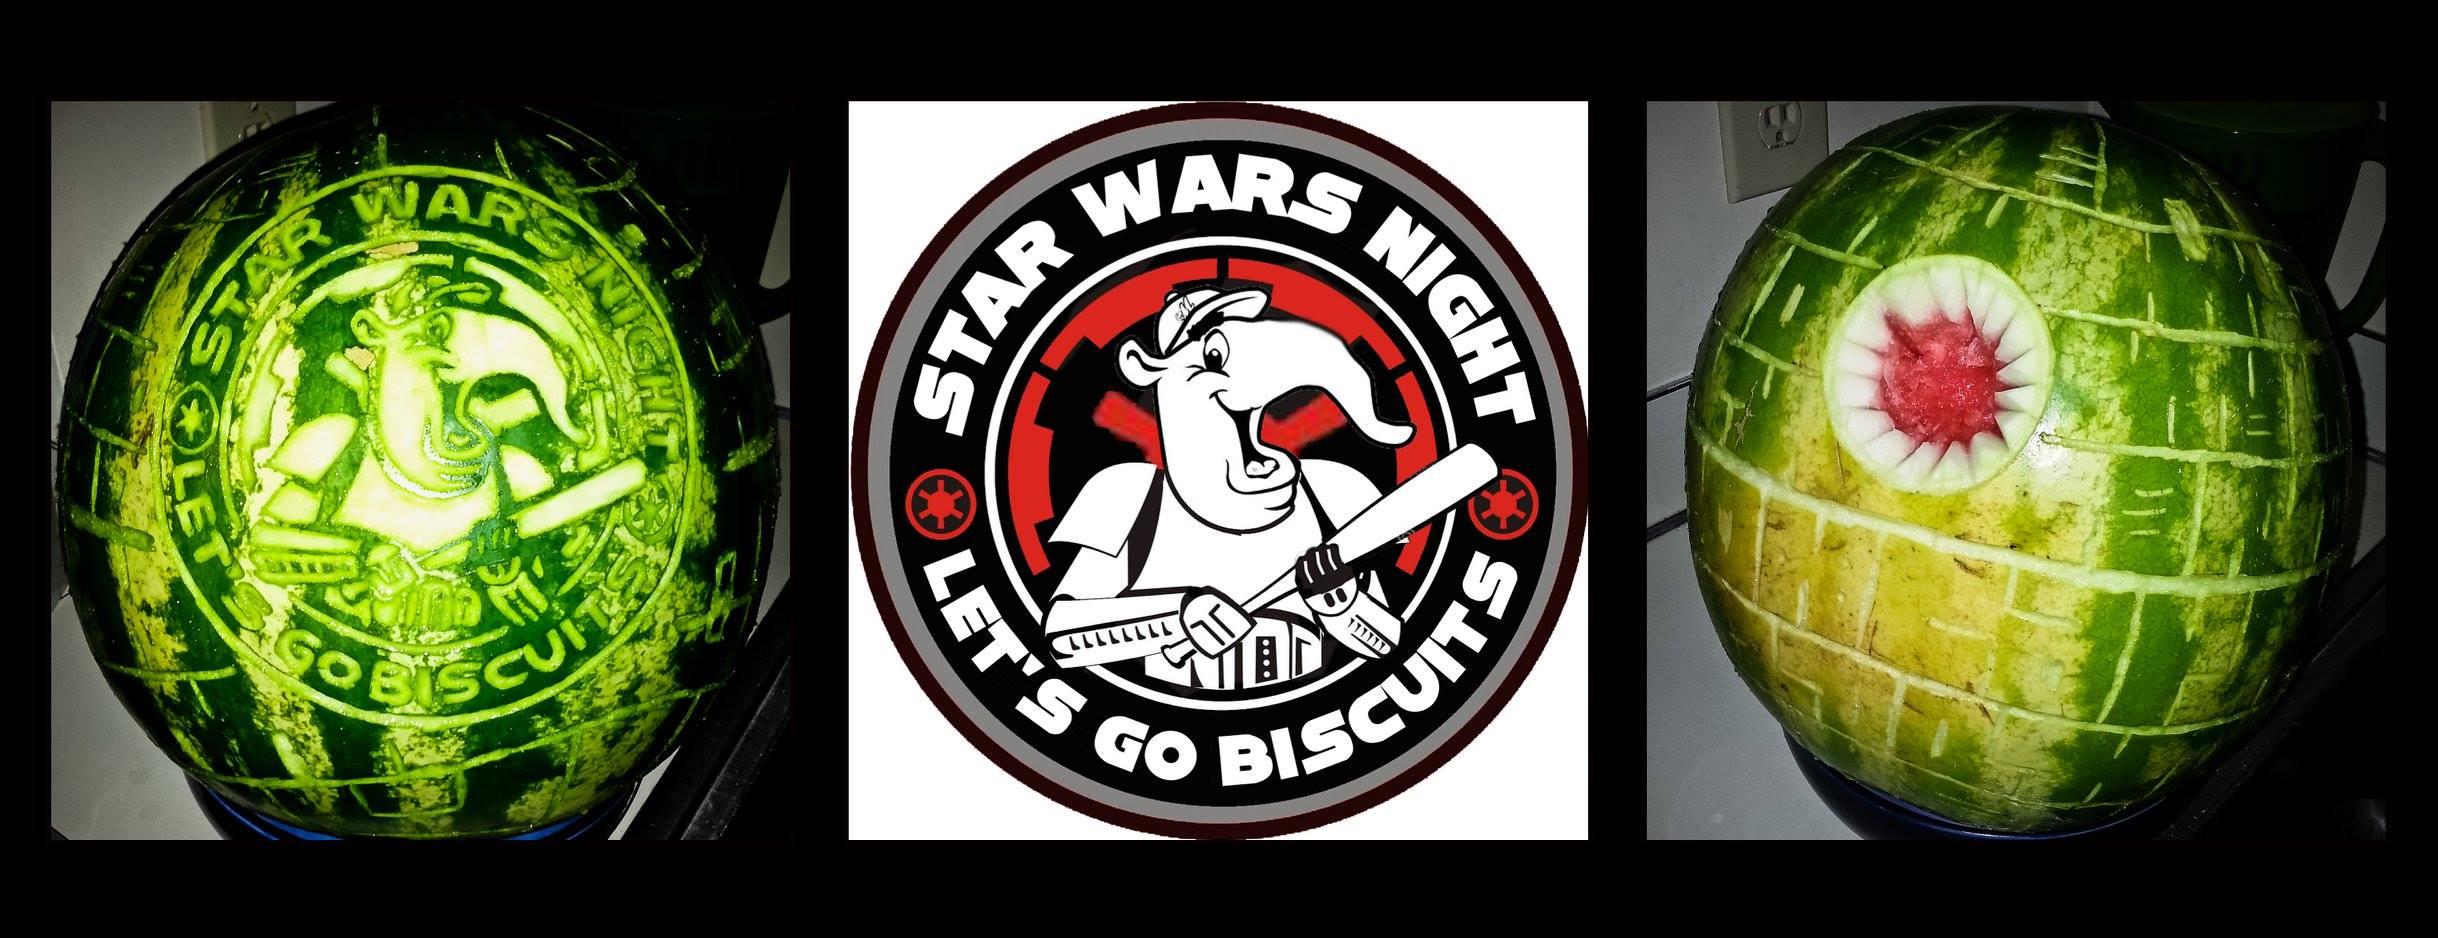 Star Wars Night Montgomery Biscuits.jpg